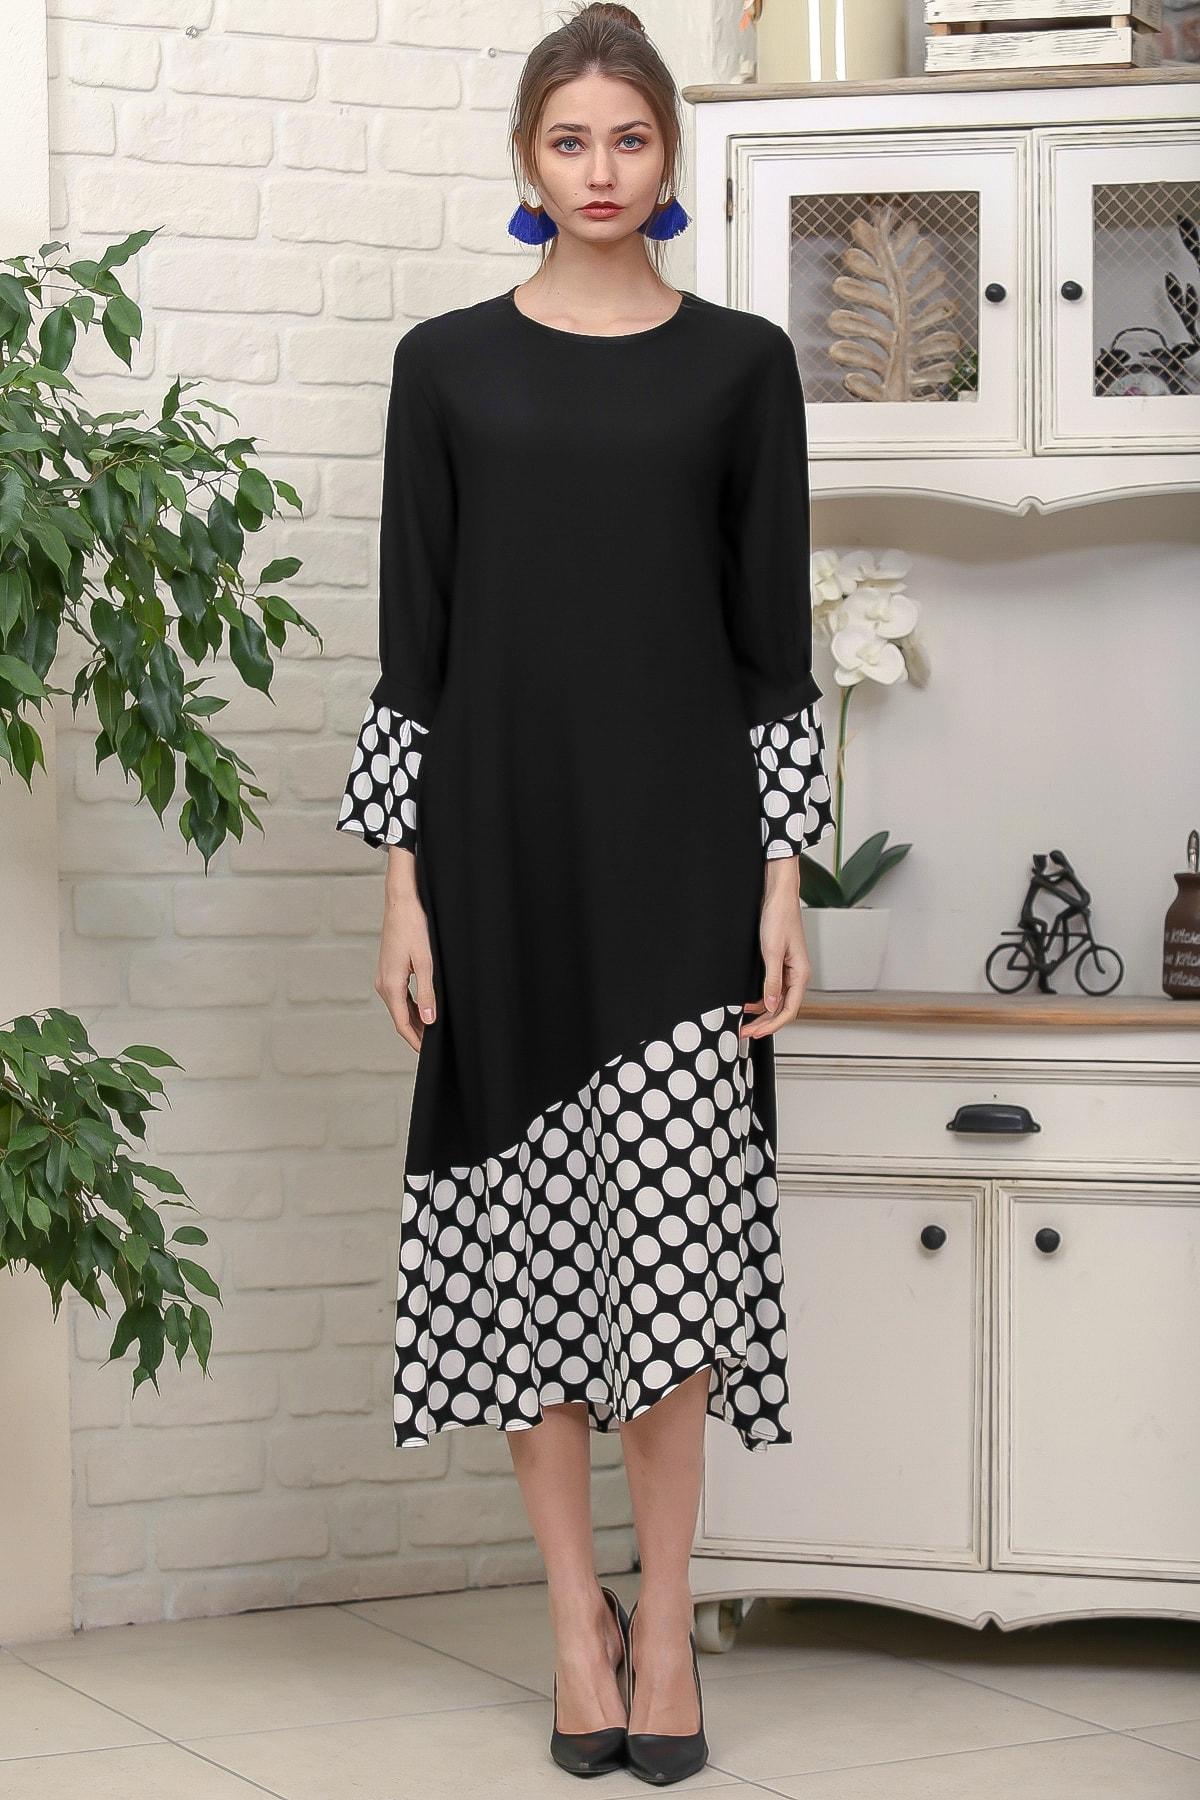 Chiccy Kadın Siyah Sıfır Yaka Puantiye Etek Ucu Bloklu 3/4 Kol Elbise M10160000EL95895 3